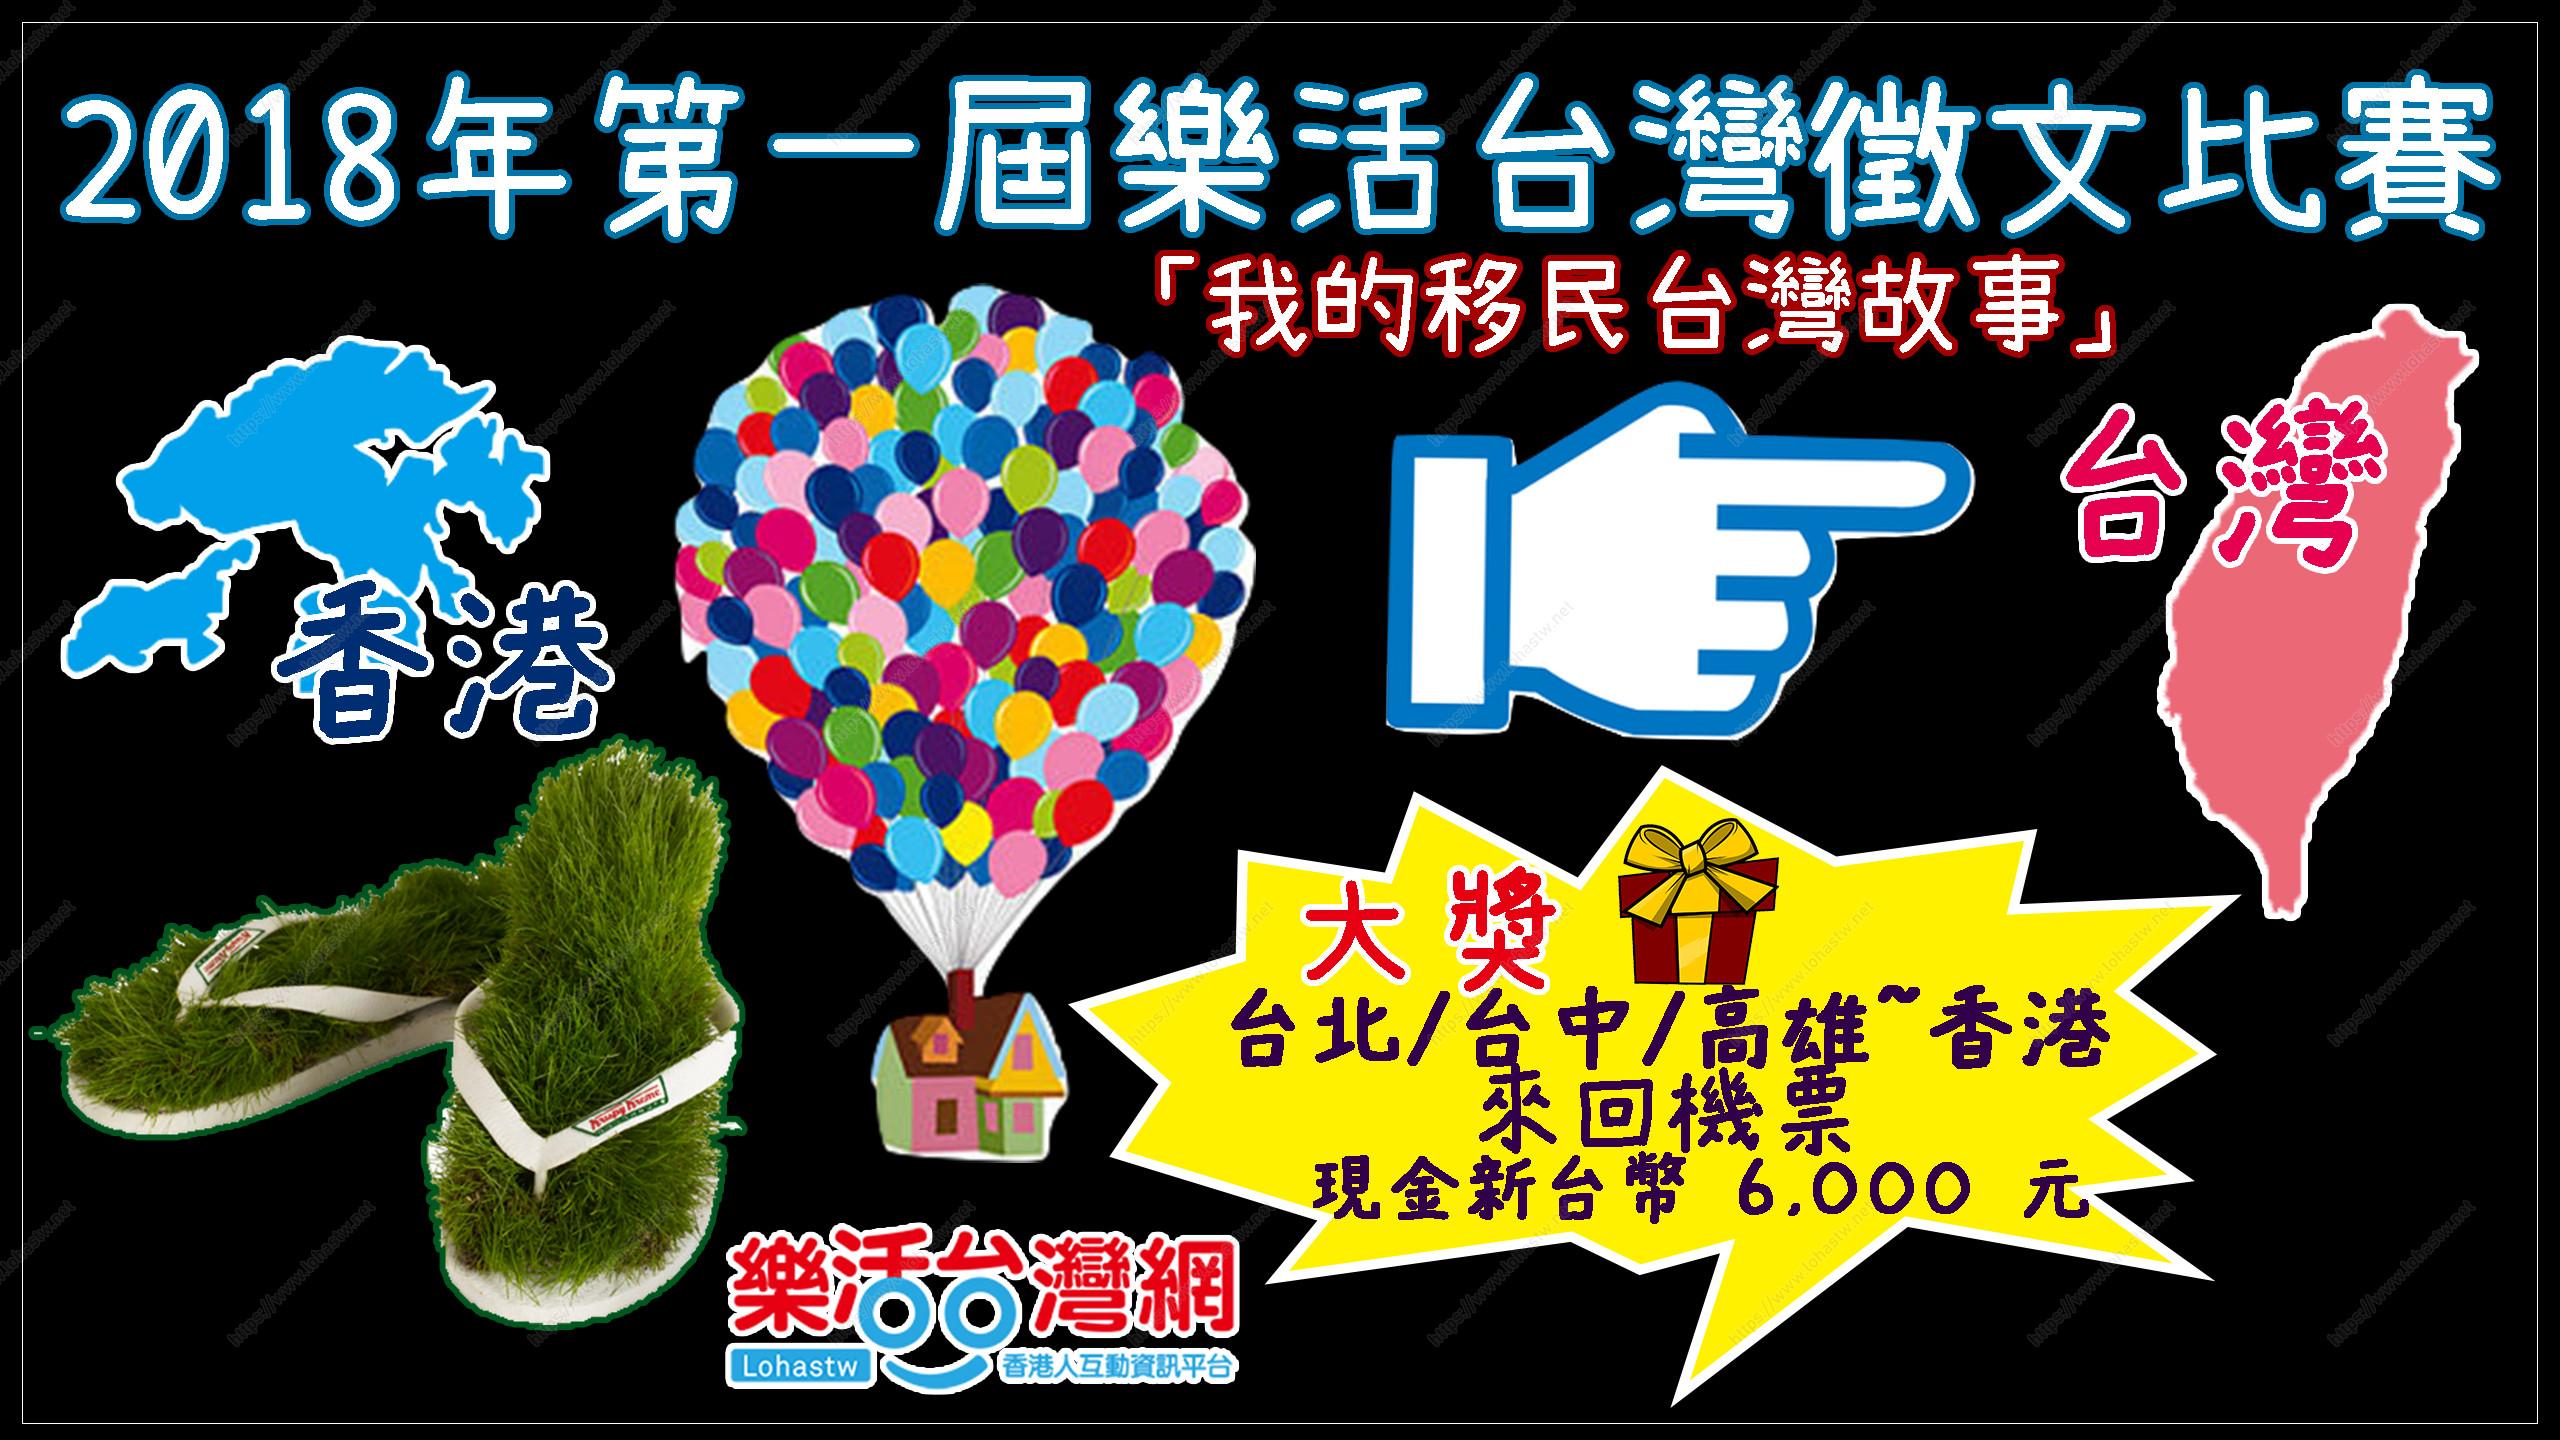 香港人移民台灣故事徵文比賽-樂活台灣網